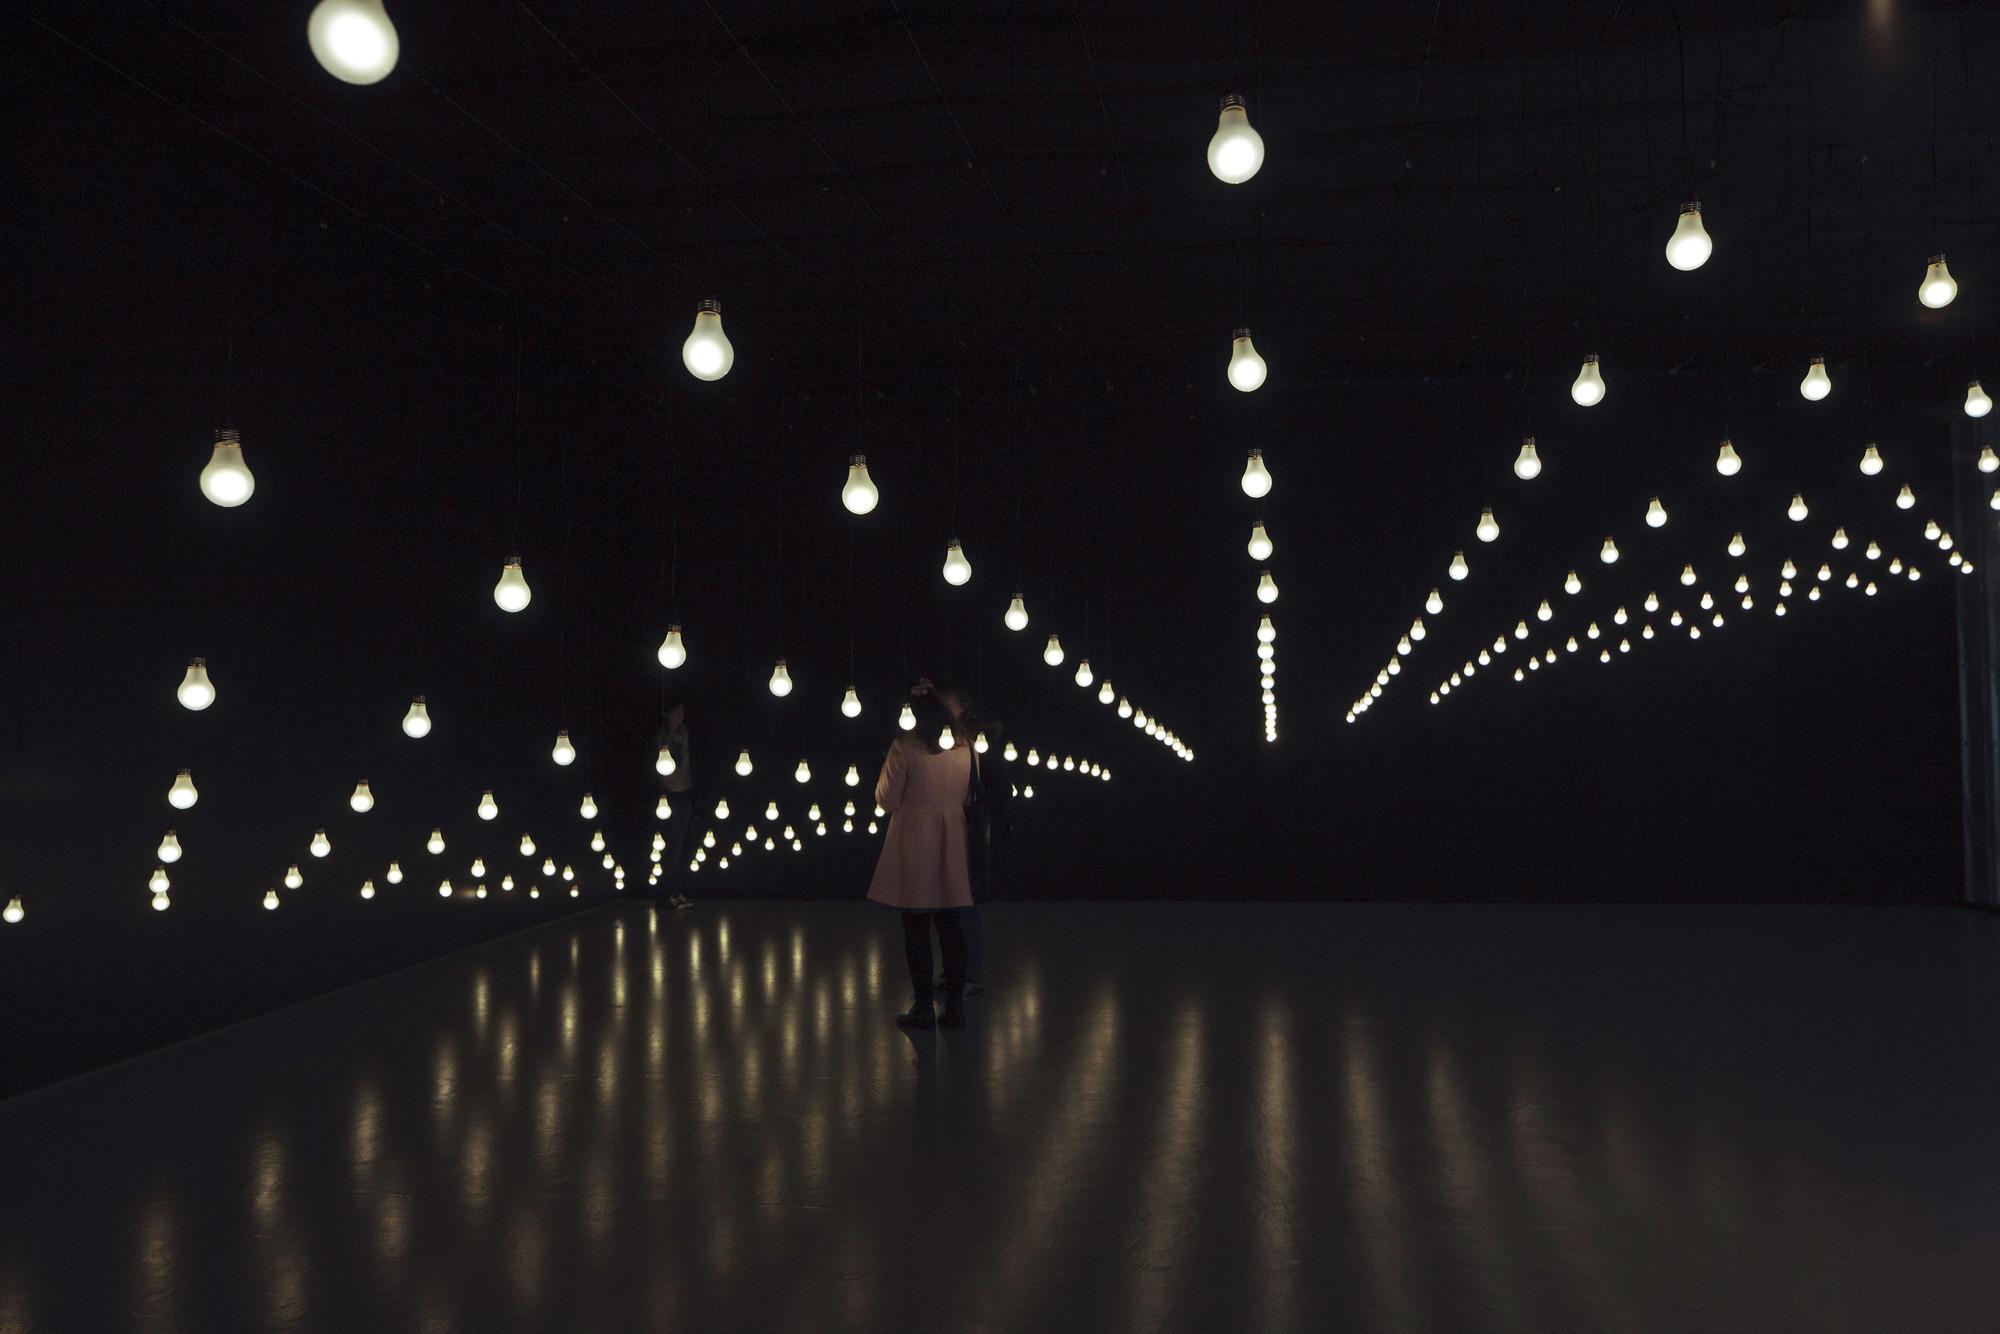 Jim Campbell, artista pionero de la experimentación con luz, presenta su primera exposición antológica en España, Cortesia de Espacio Fundación Telefónica